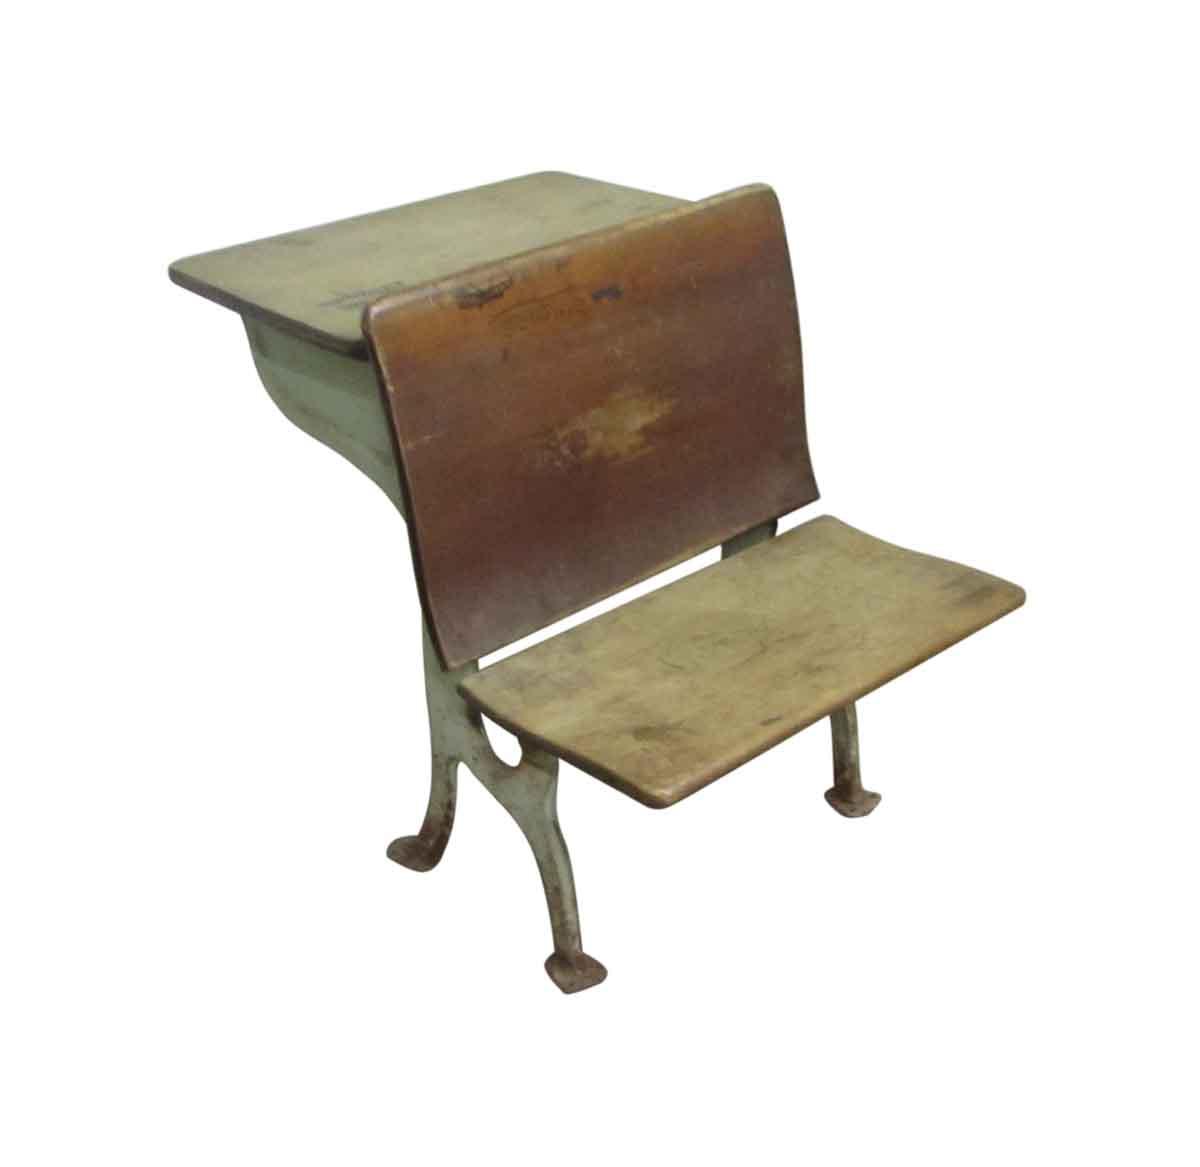 Antique School Chair & Desk - Antique School Chair & Desk Olde Good Things